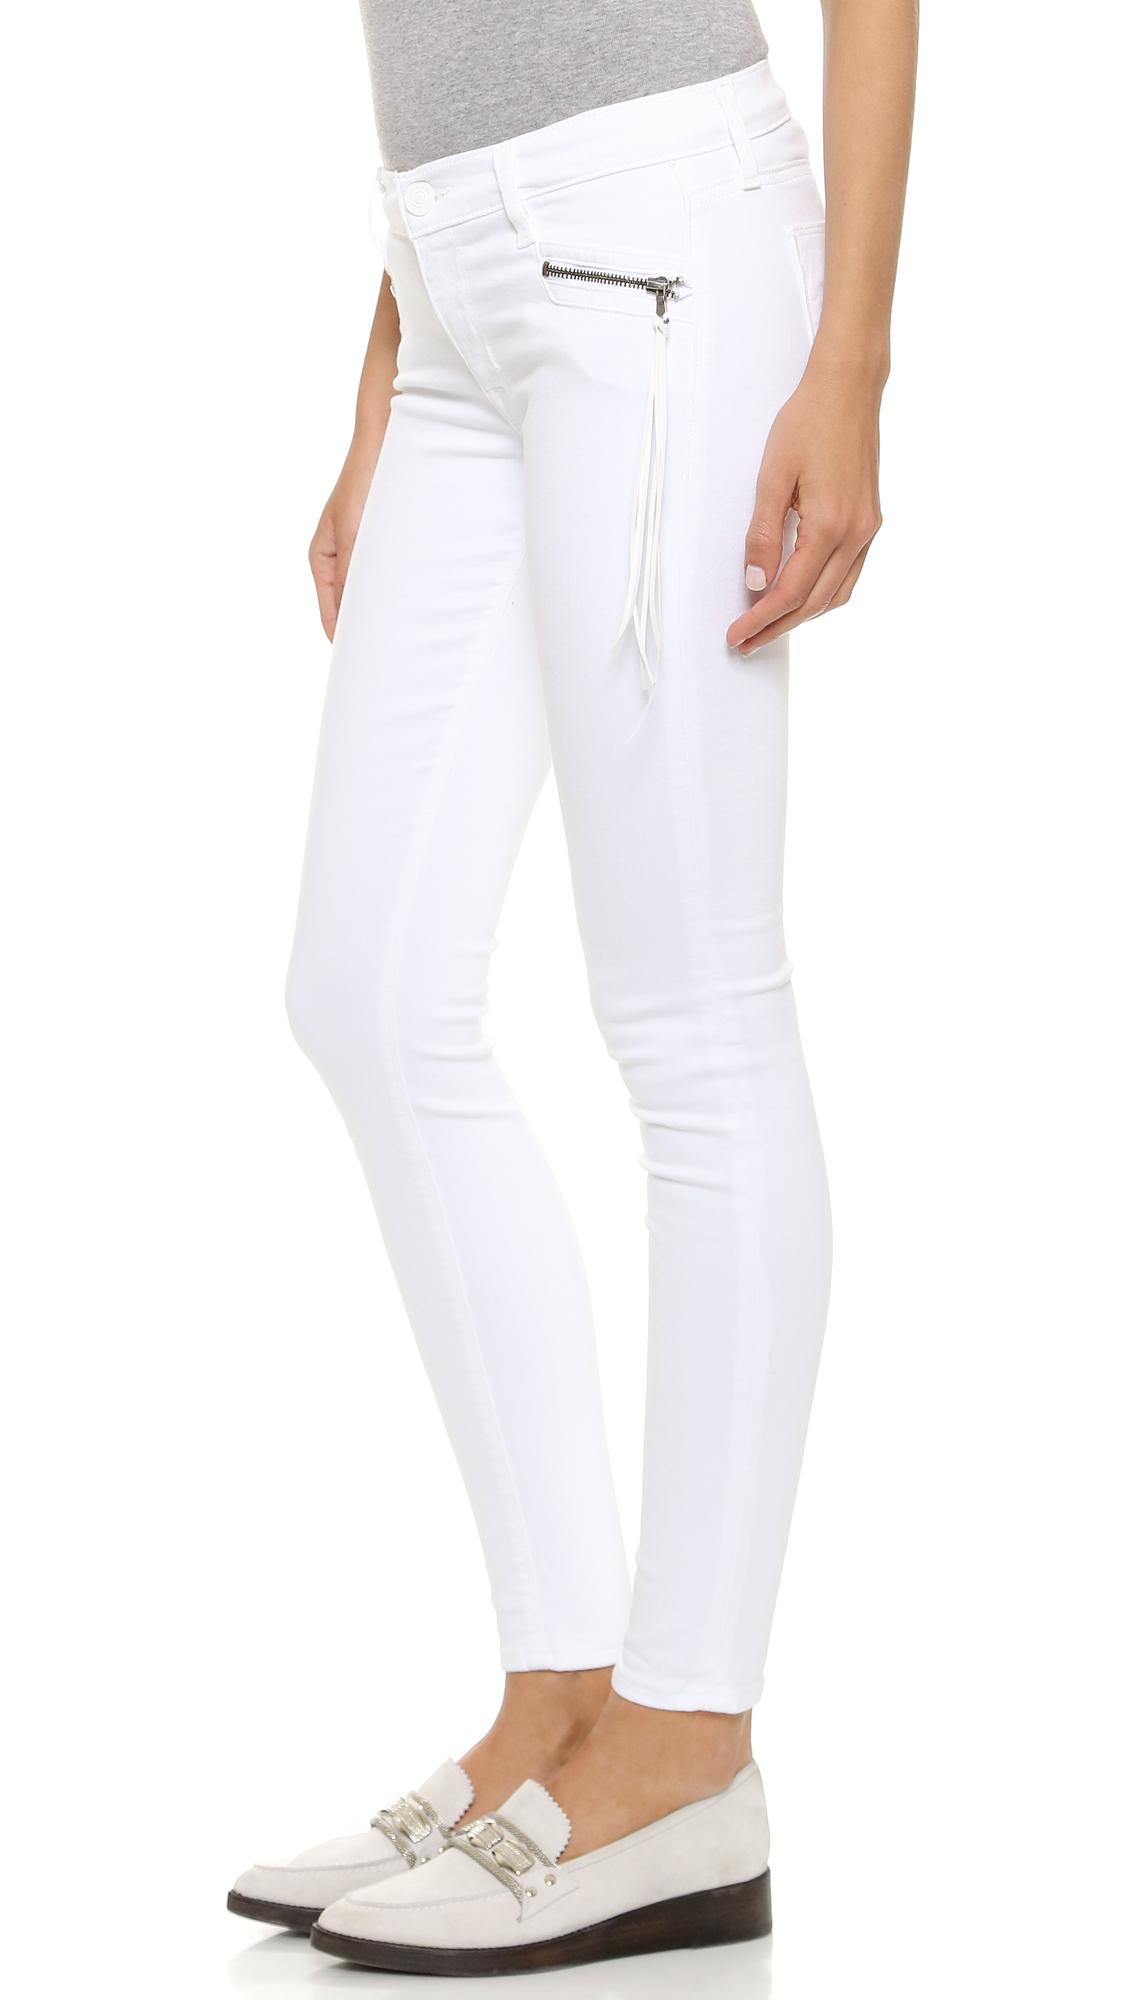 Hudson jeans Spark Super Skinny Jeans - White 2 in White | Lyst